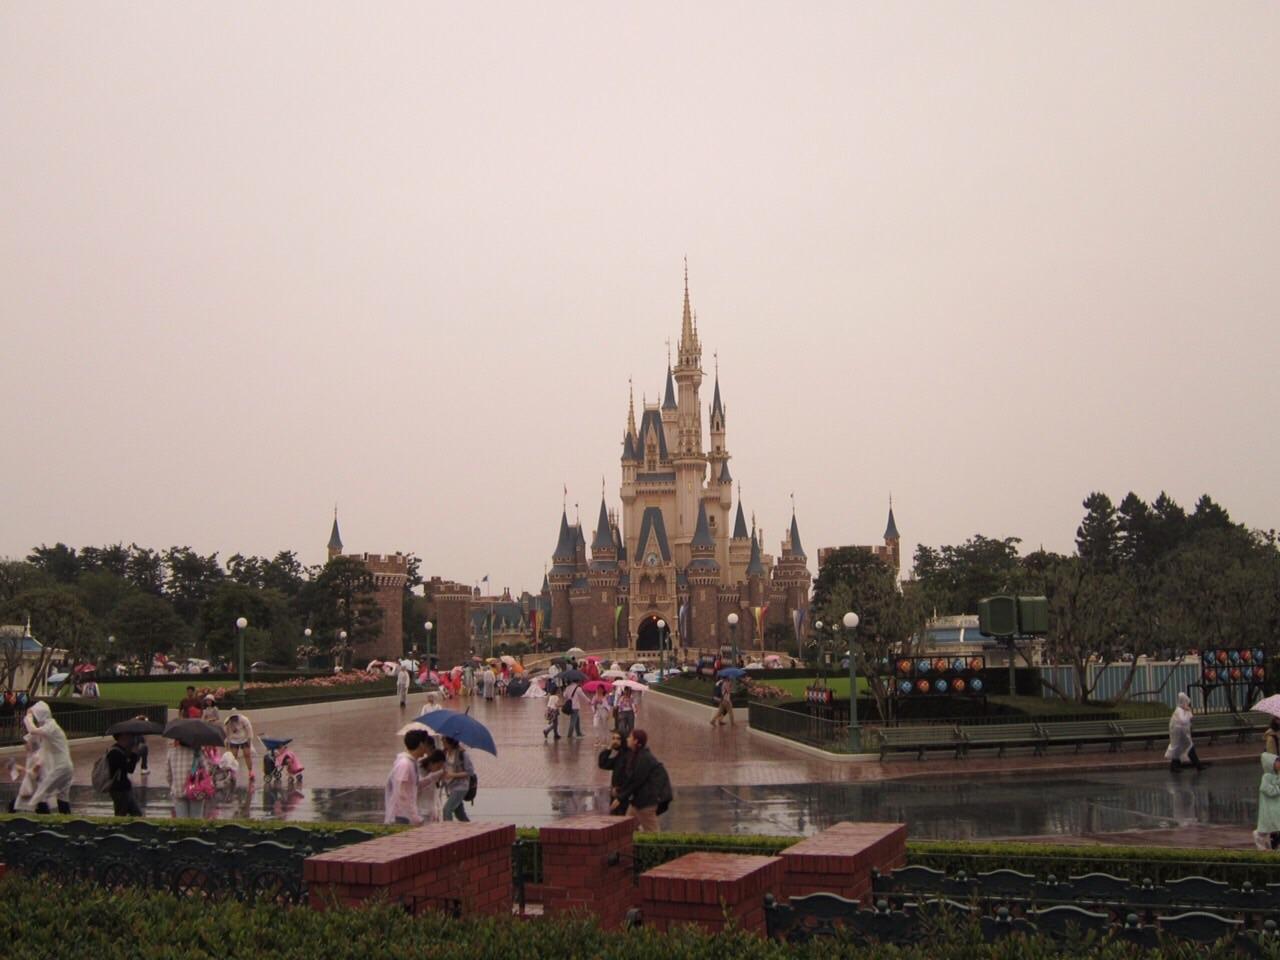 雨のディズニーランド』東京ディズニーリゾート(千葉県)の旅行記・ブログ